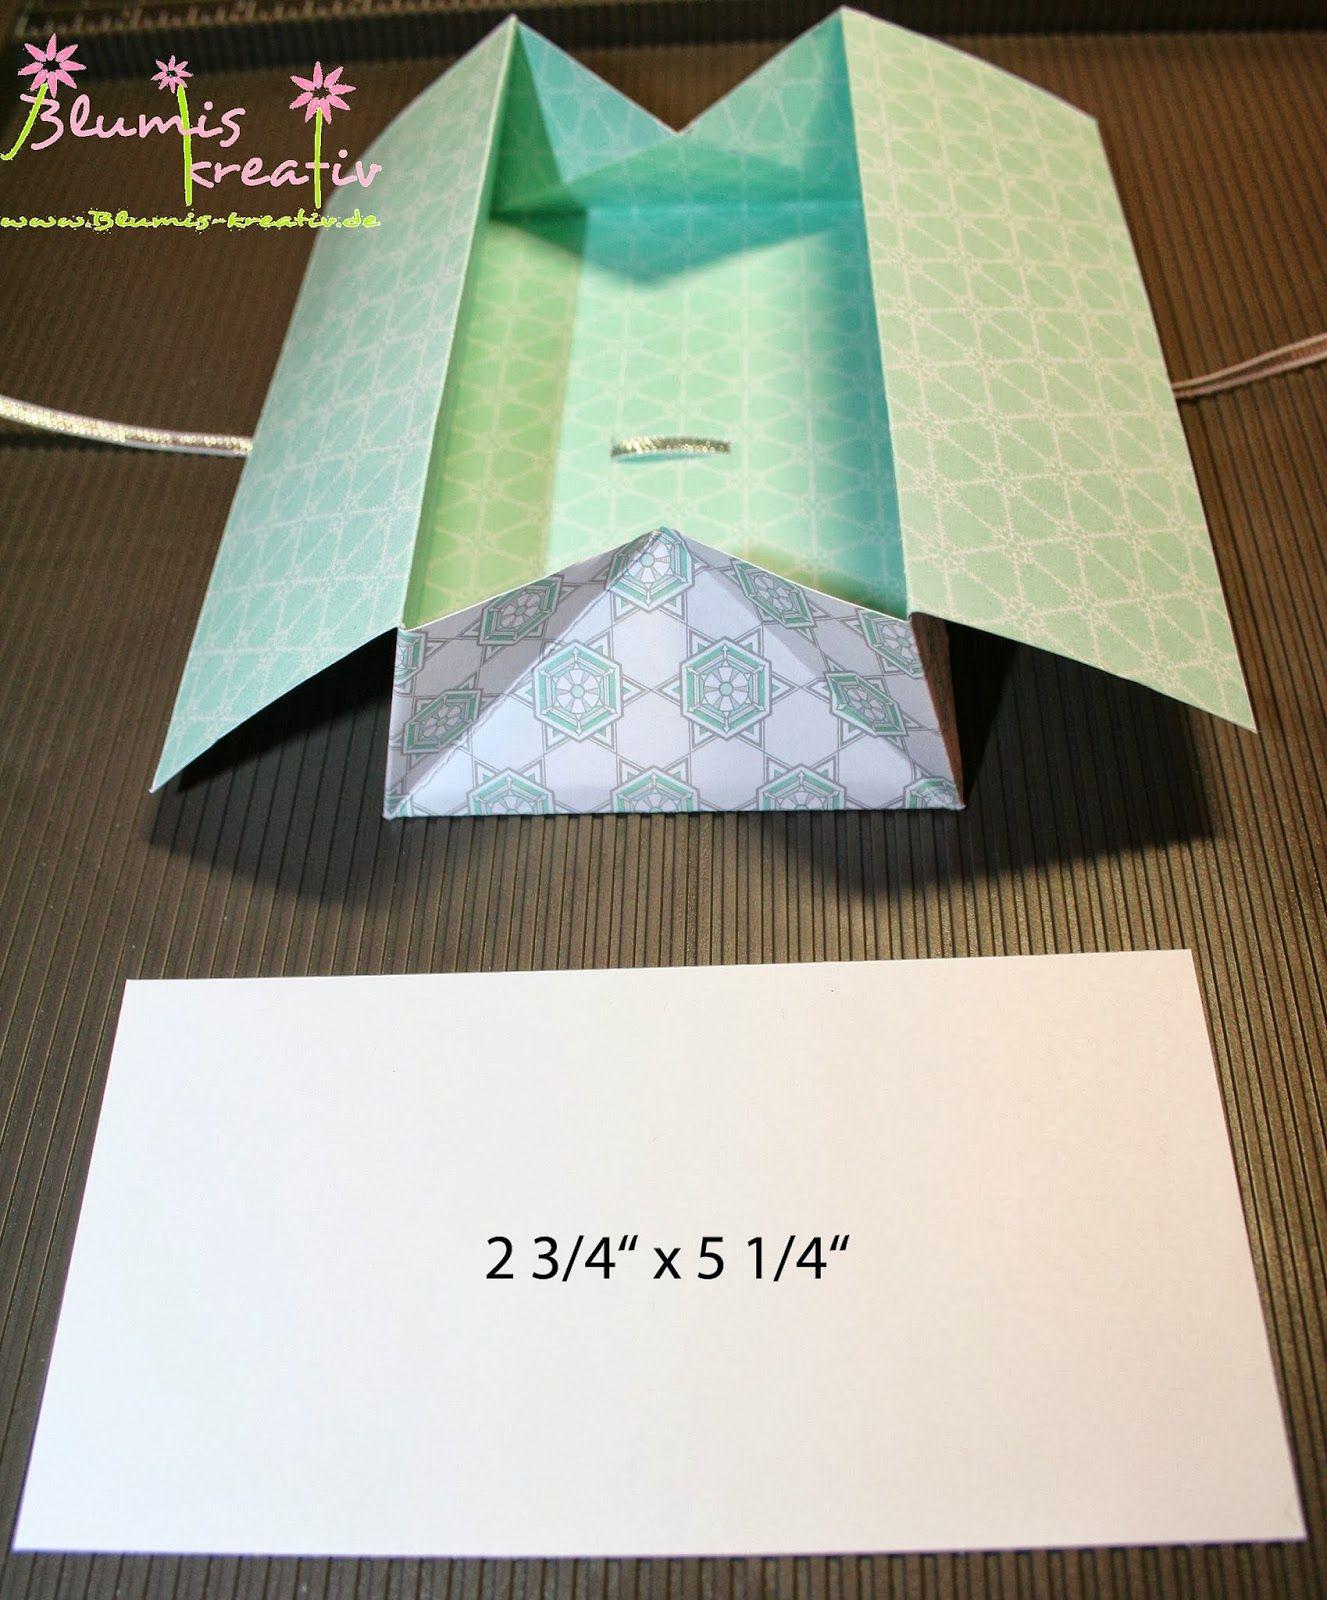 blumis kreativ blog box karte anleitung buchbinde zeit karten box und karten basteln. Black Bedroom Furniture Sets. Home Design Ideas